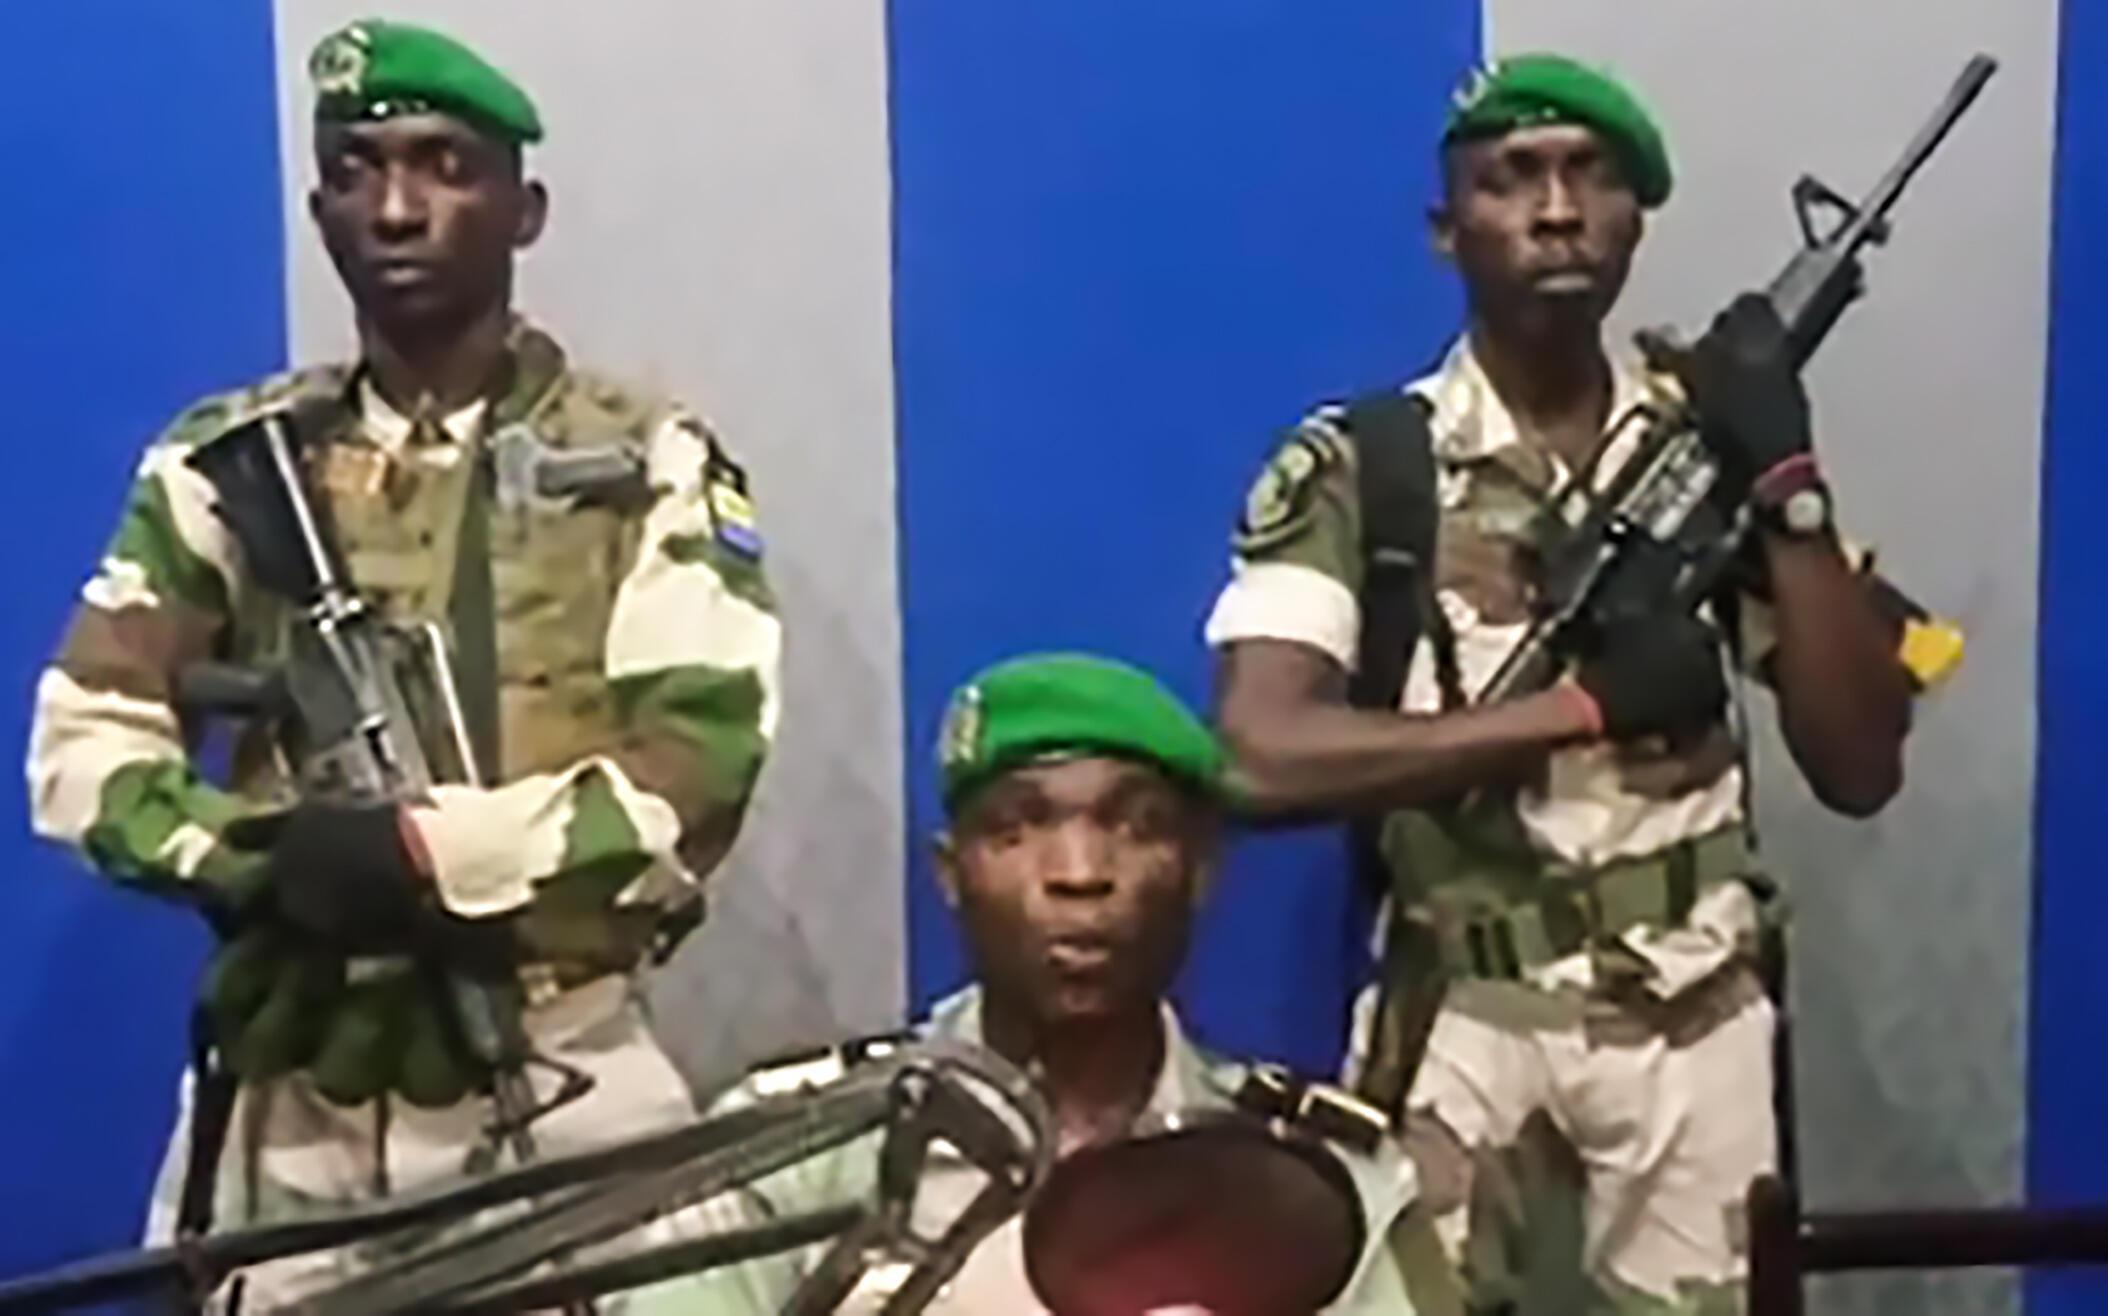 Picha ya askari wakisoma tangazo lao kwenye redio na televisheni ya Gabon, Januari 7, 2019.